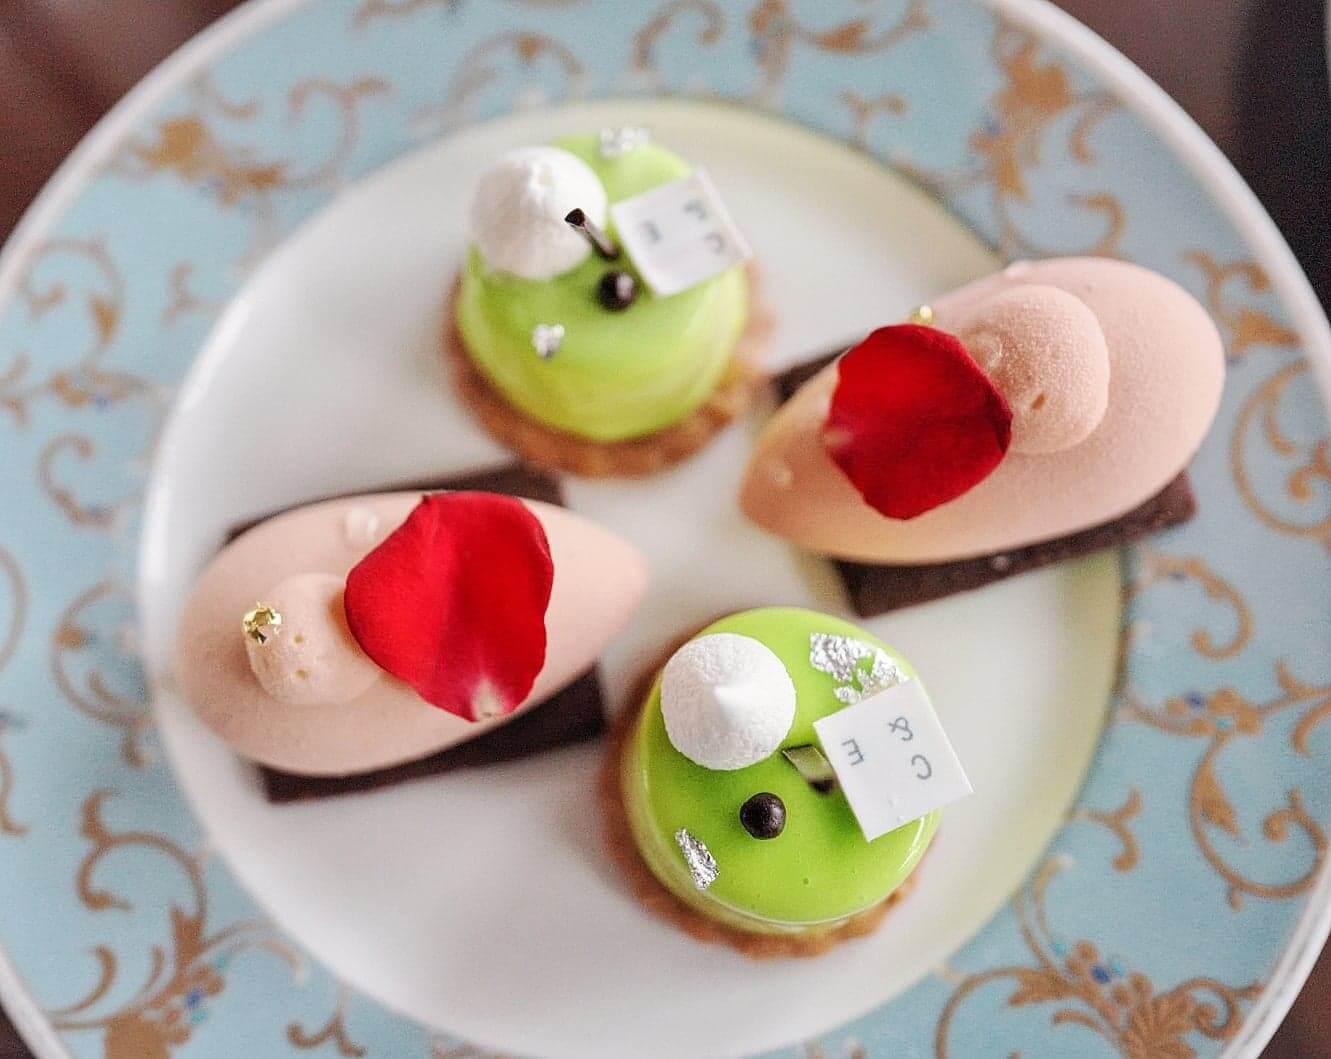 第2層甜品以慕絲為主。